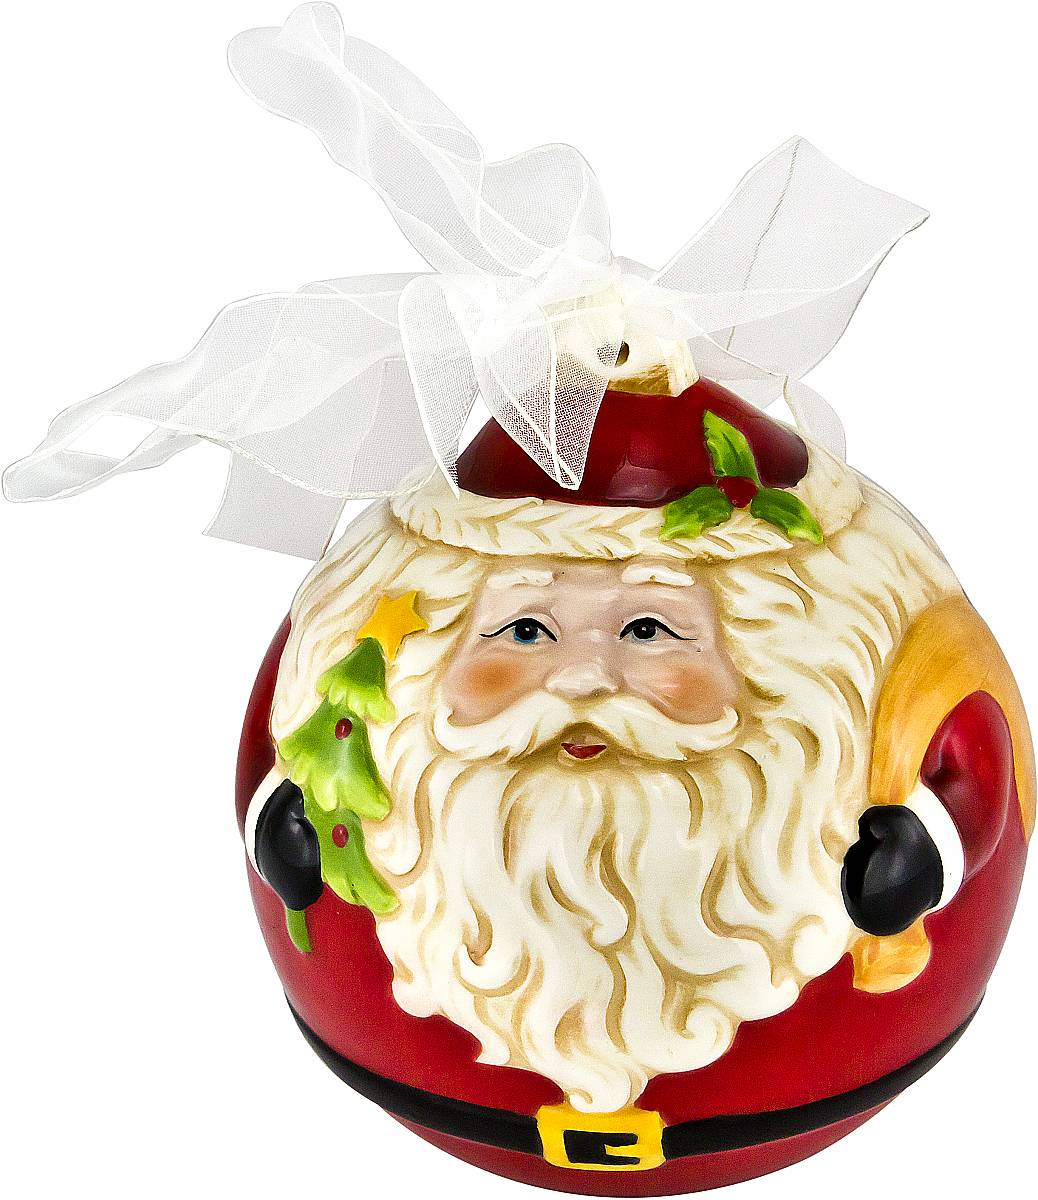 Украшение новогоднее подвесное Mister Christmas Дед Мороз, длина 13,5 смFD-02Новогоднее подвесное украшение Mister ChristmasДед Мороз прекрасно подойдет для праздничногодекора новогодней ели. Украшение выполнено изкерамики. Для удобного размещения на елкепредусмотрена петелька в виде ленты.Елочная игрушка - символ Нового года. Она несет в себеволшебство и красоту праздника. Создайте в своем домеатмосферу веселья и радости, украшая новогоднюю елкунарядными игрушками, которые будут из года в годнакапливать теплоту воспоминаний.